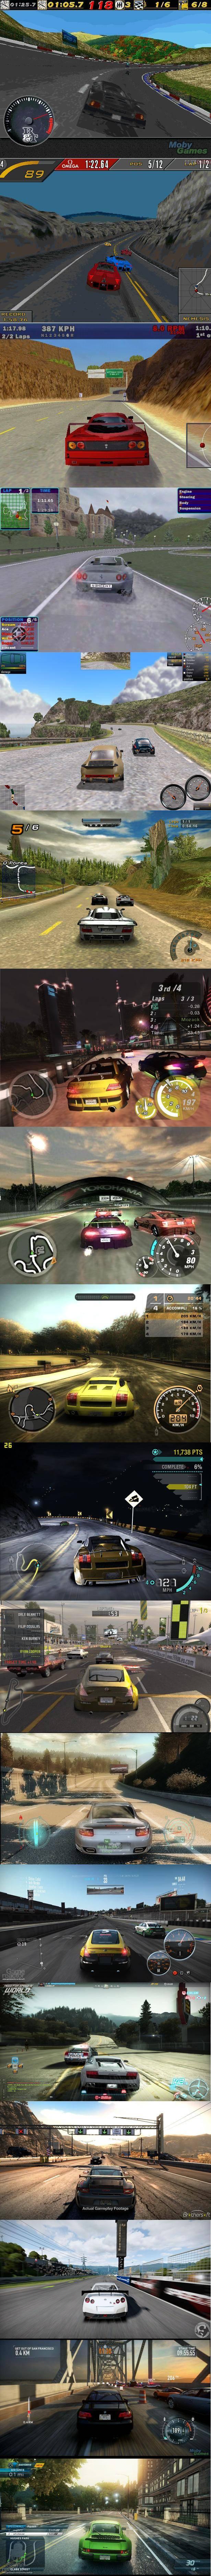 Evolución gráfica de Need for Speed